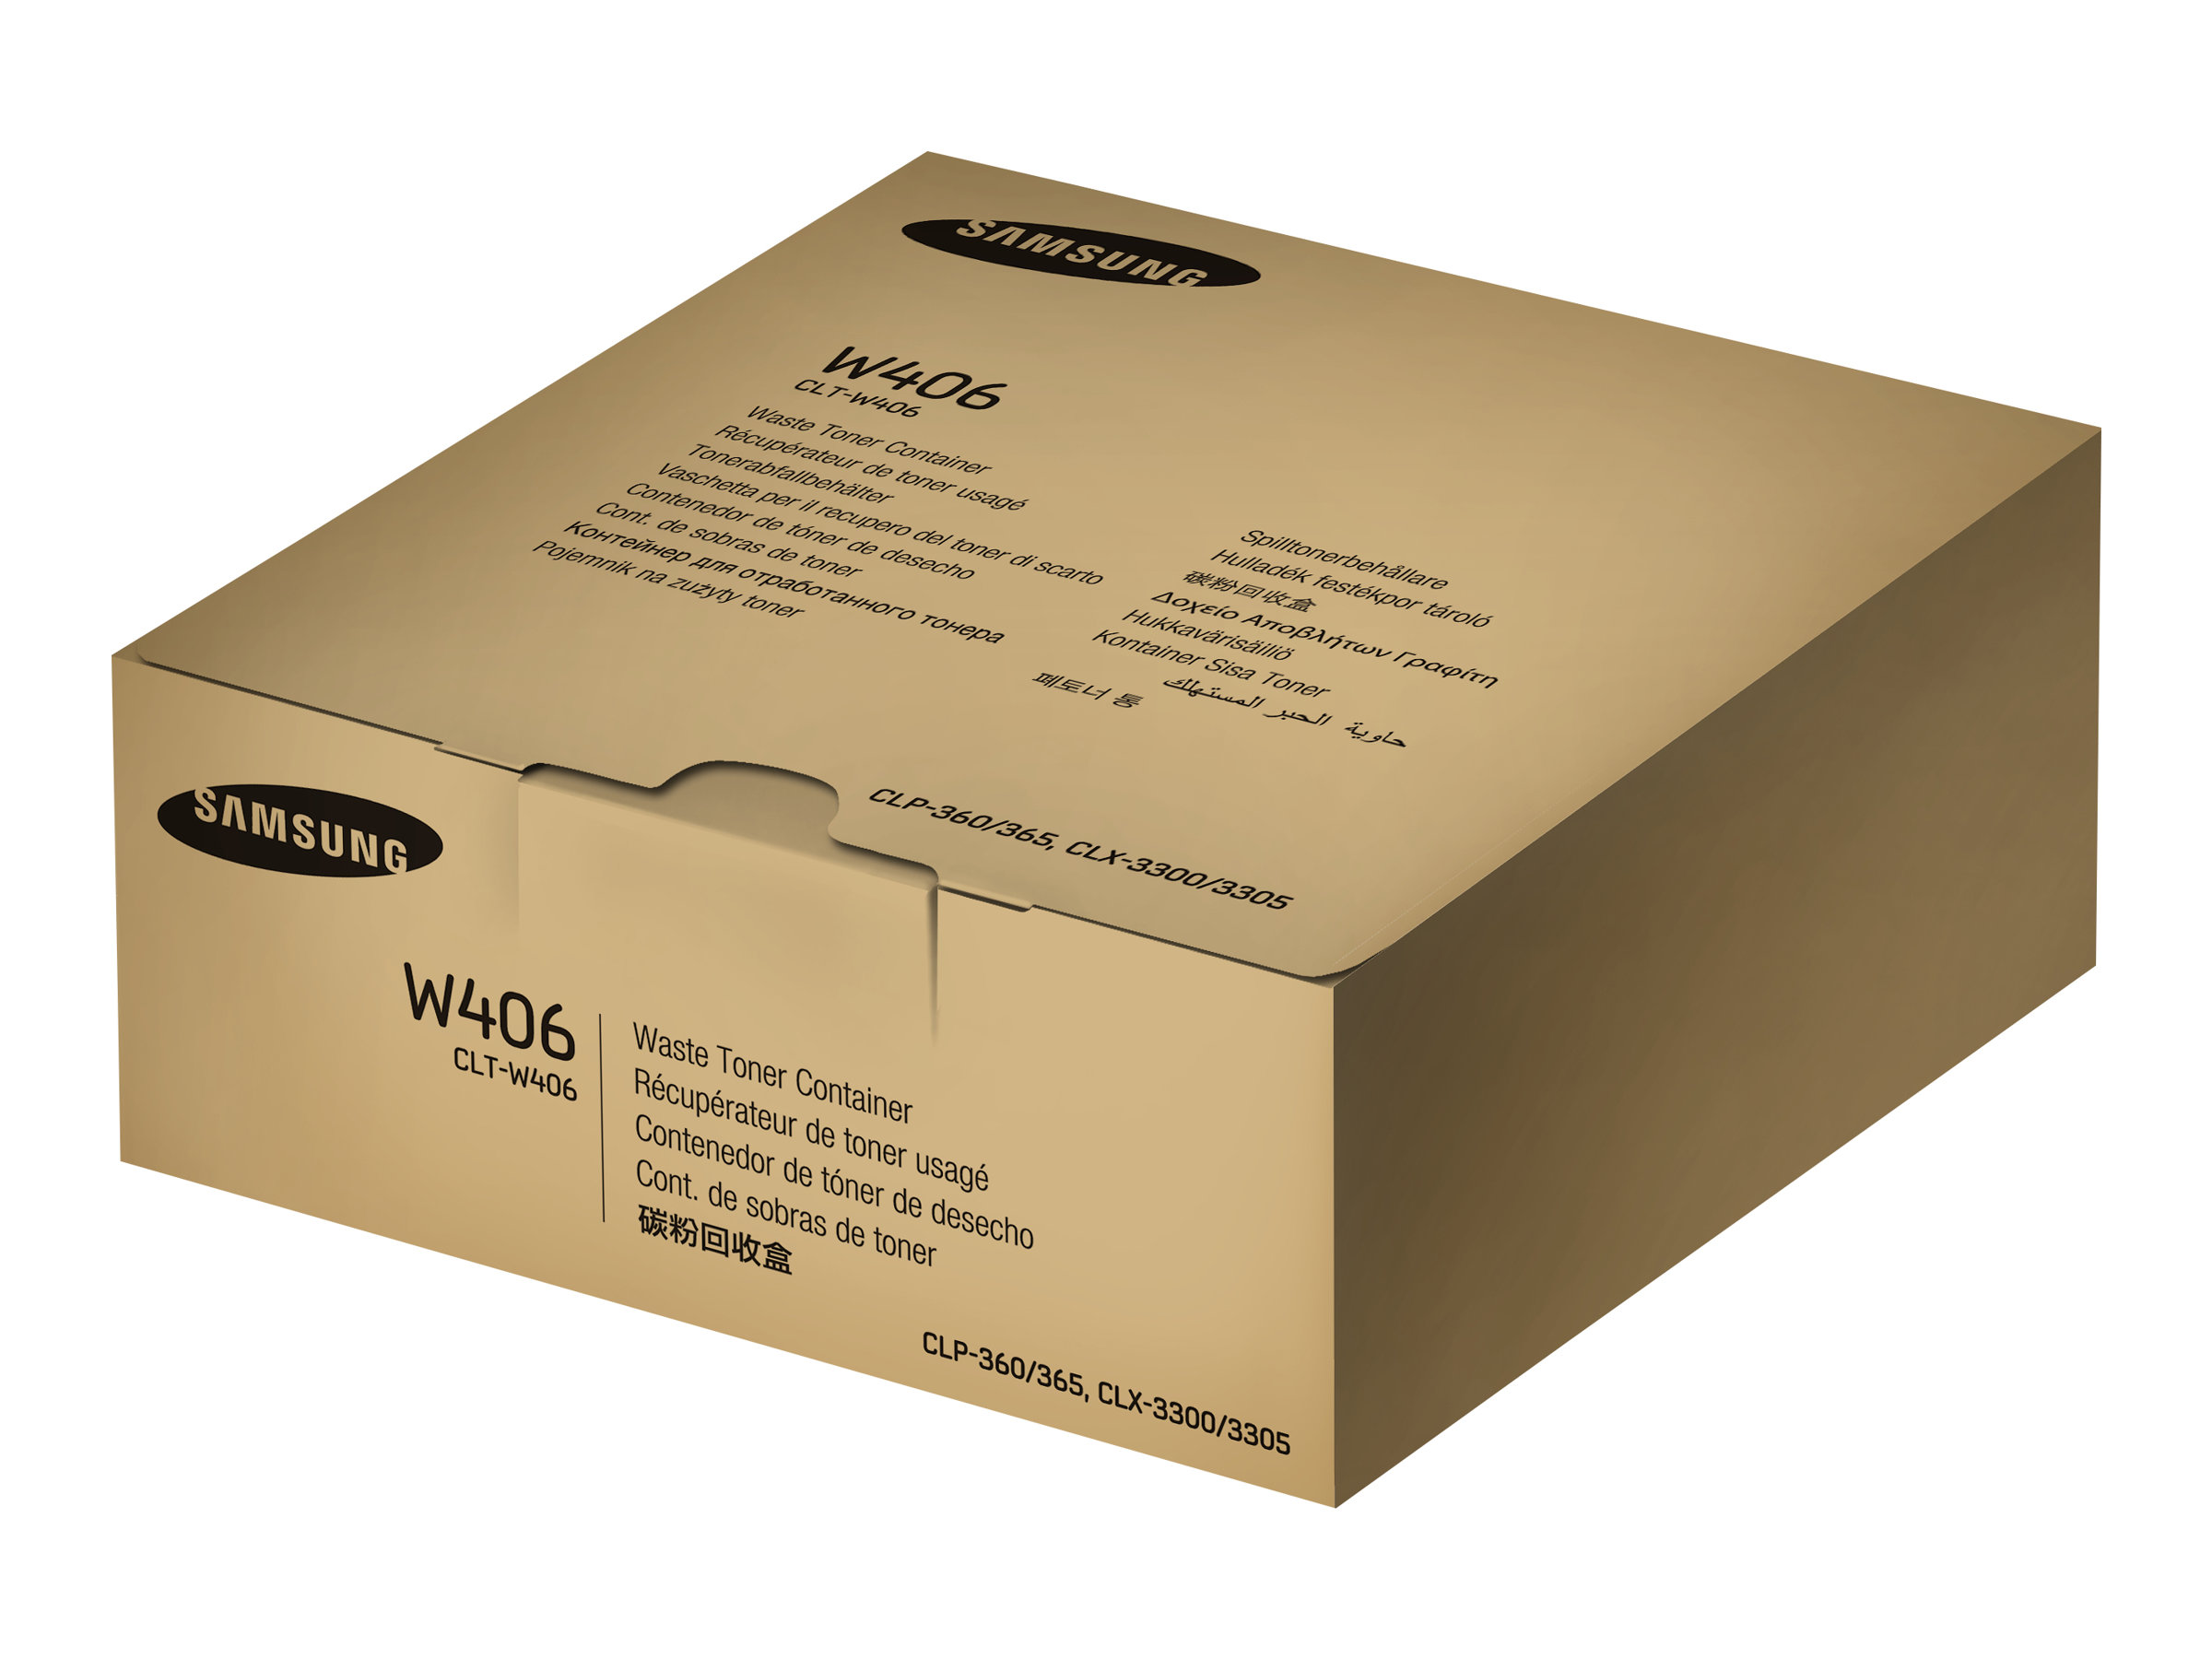 Samsung CLT-W406 - 1 - Tonersammler - für CLP-360, 365; CLX-3300, 3305; Xpress C430, C460, C480